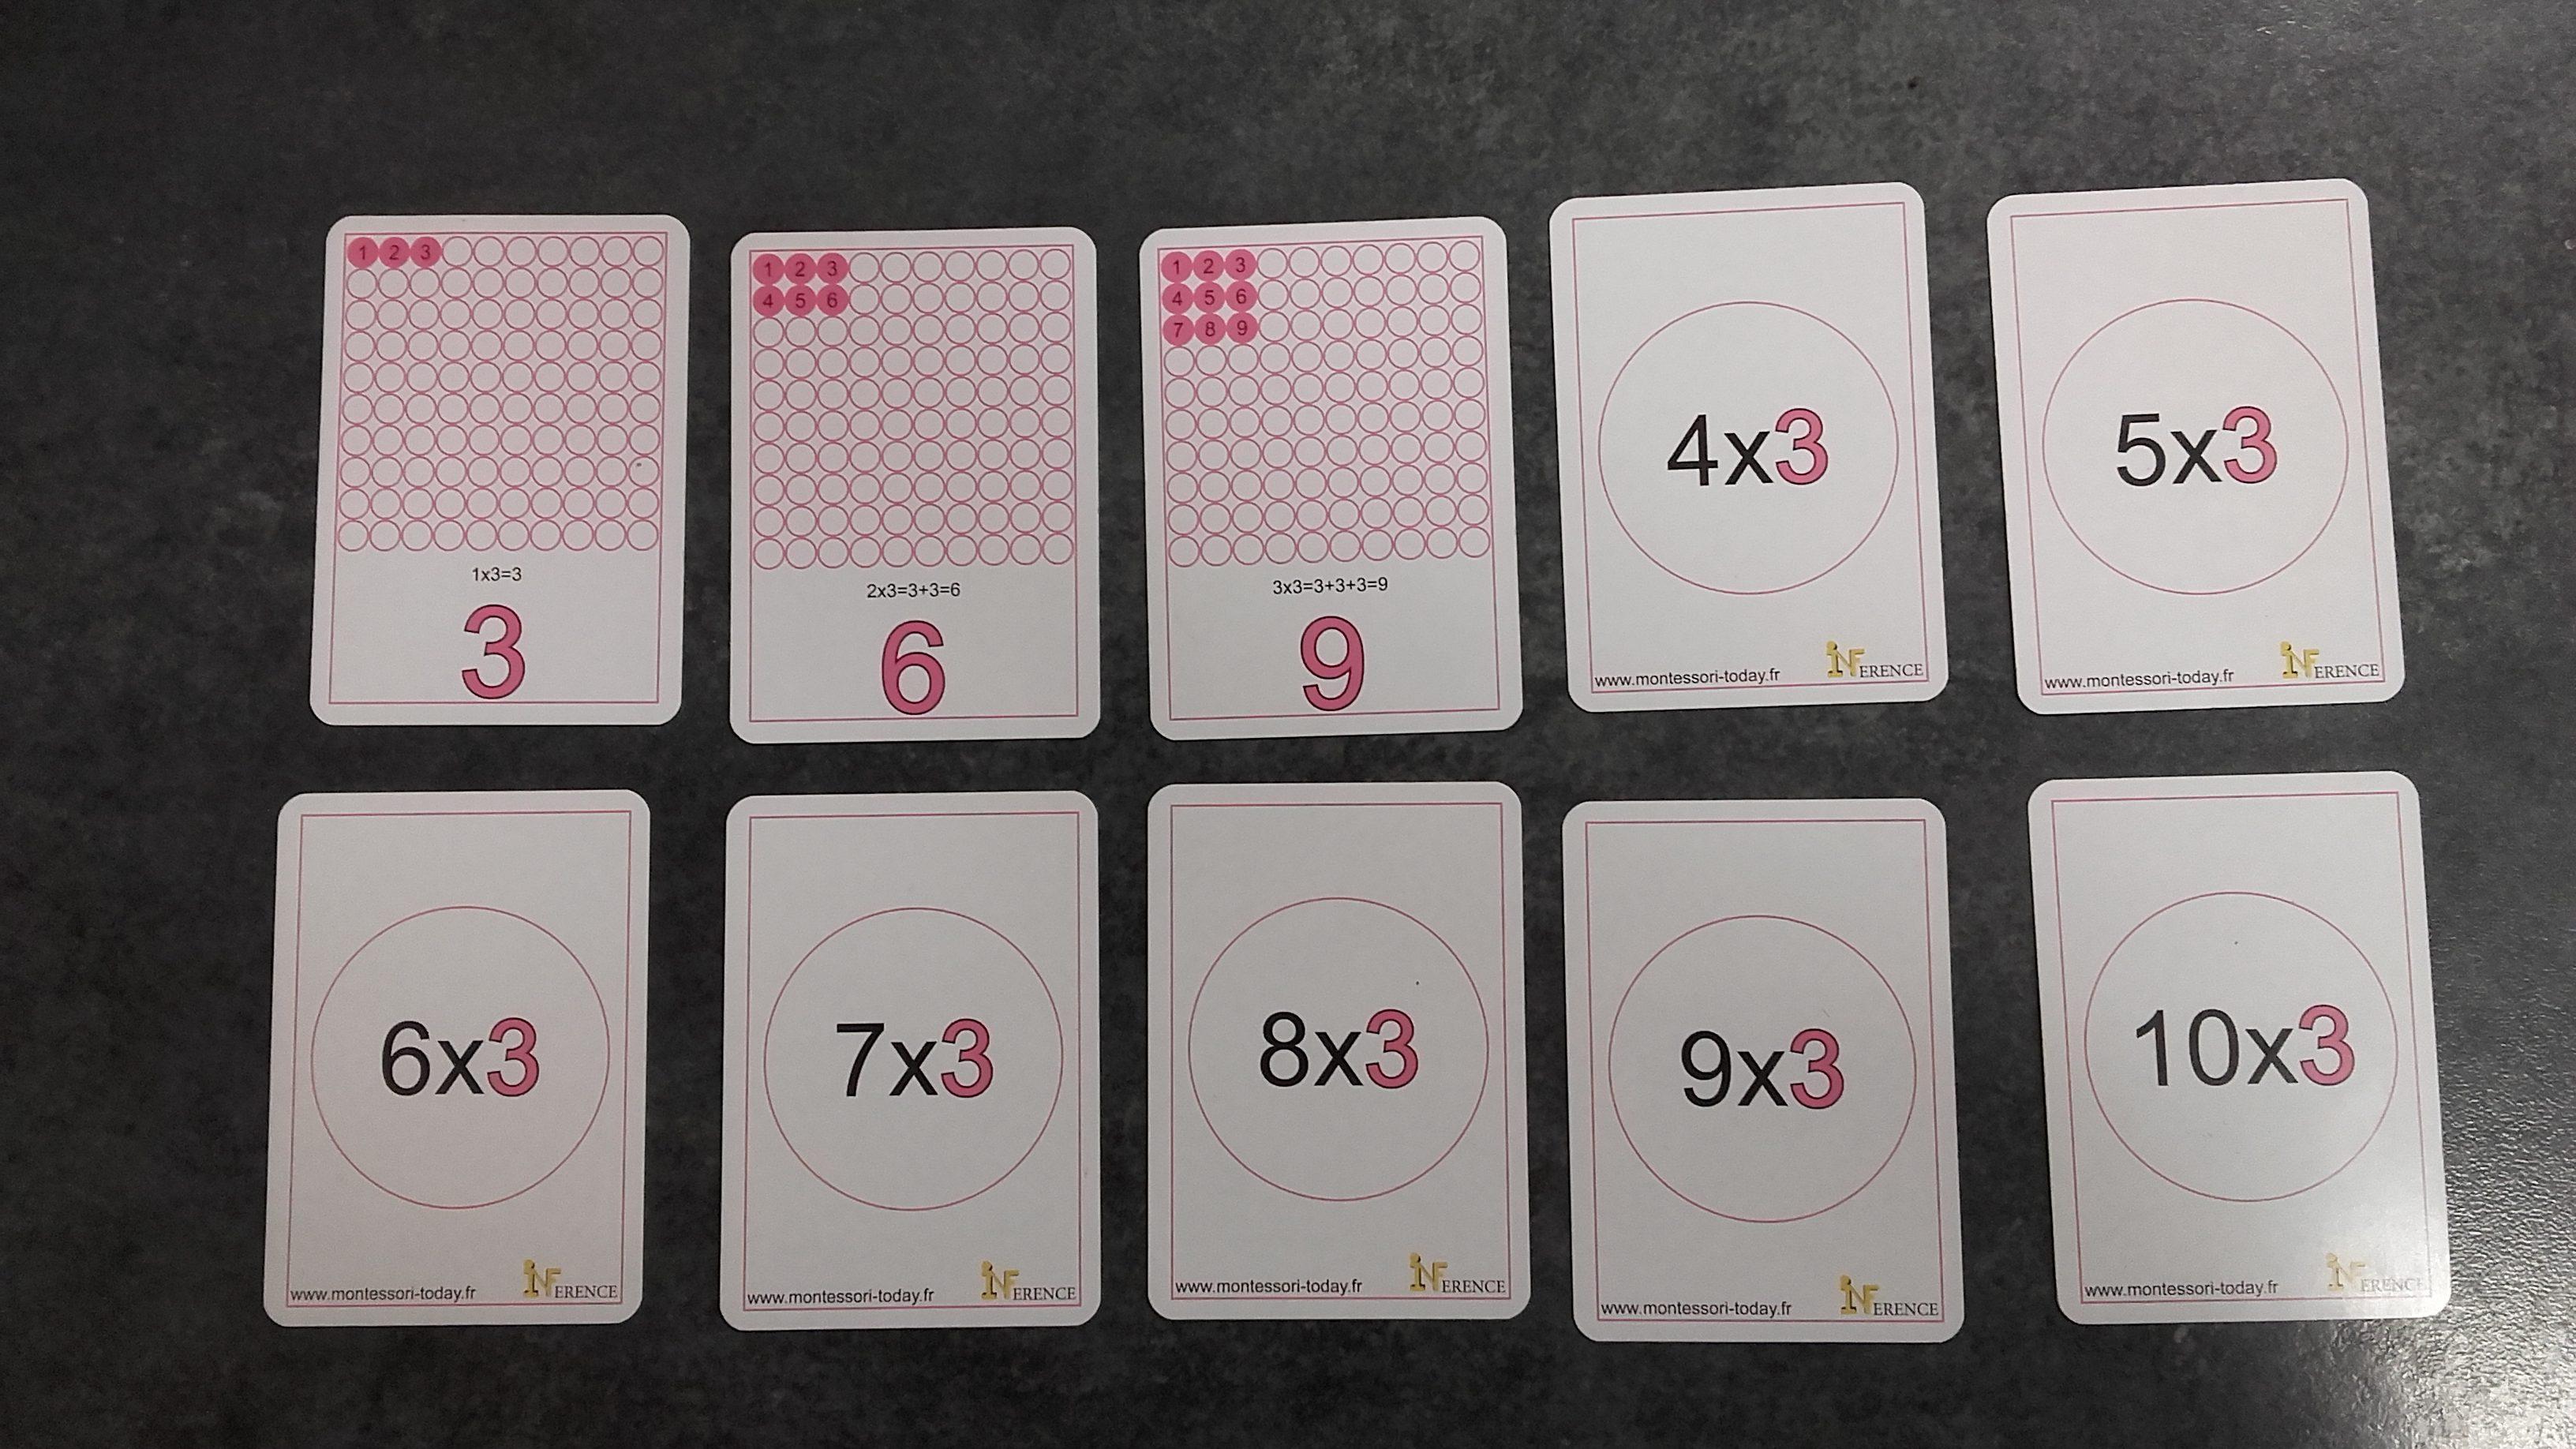 Tables de multiplication jeu de cartes montessori today - Table de multiplication jeu ...